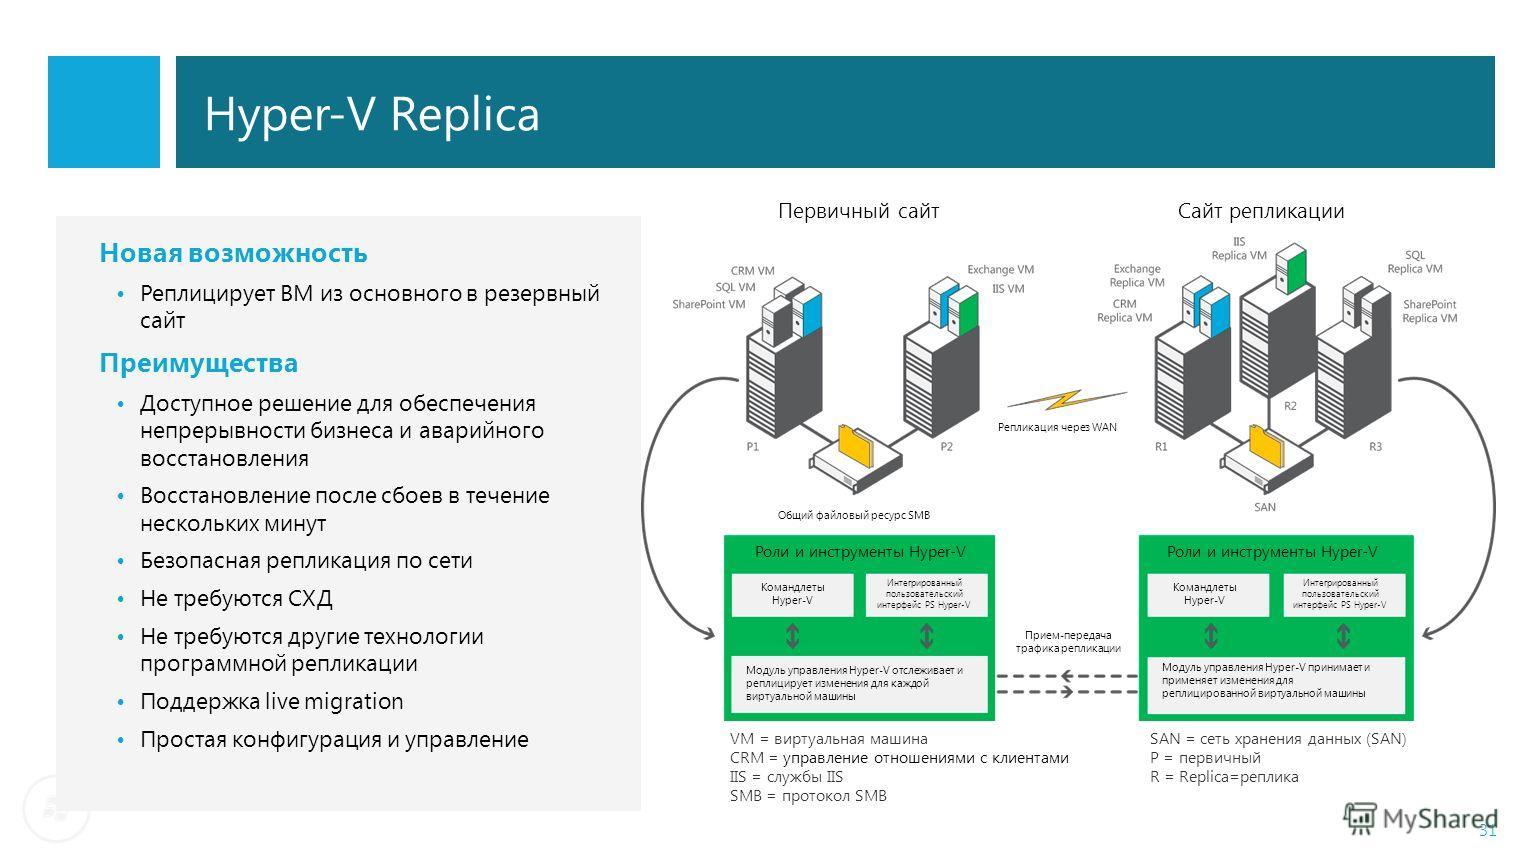 Hyper-V Replica 31 Роли и инструменты Hyper-V Командлеты Hyper-V Интегрированный пользовательский интерфейс PS Hyper-V Интегрированный пользовательский интерфейс PS Hyper-V Модуль управления Hyper-V отслеживает и реплицирует изменения для каждой вирт